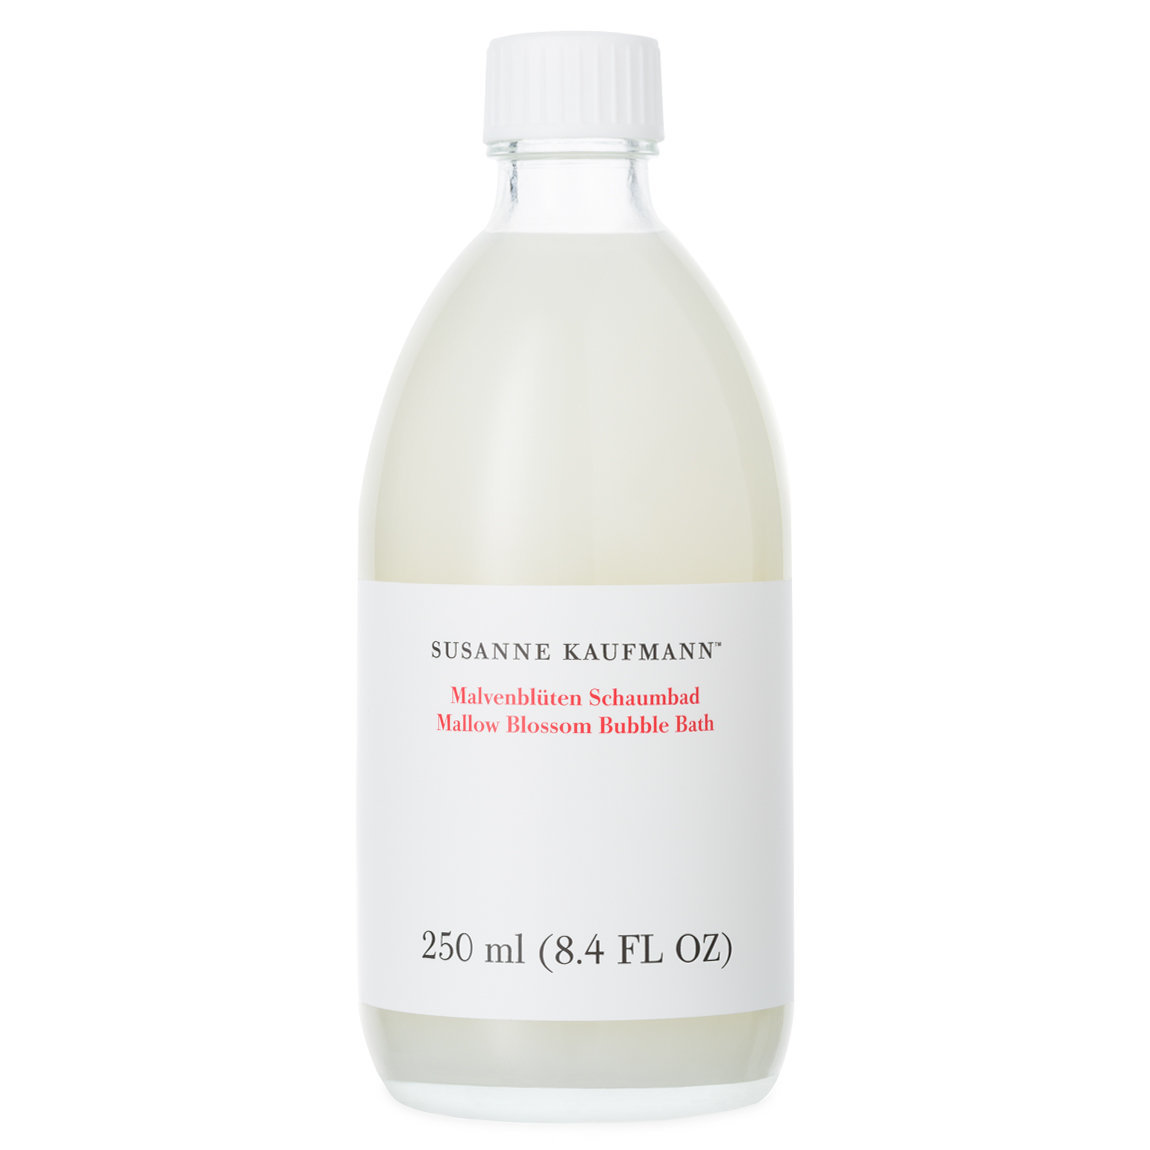 Susanne Kaufmann Mallow Blossom Bubble Bath product swatch.